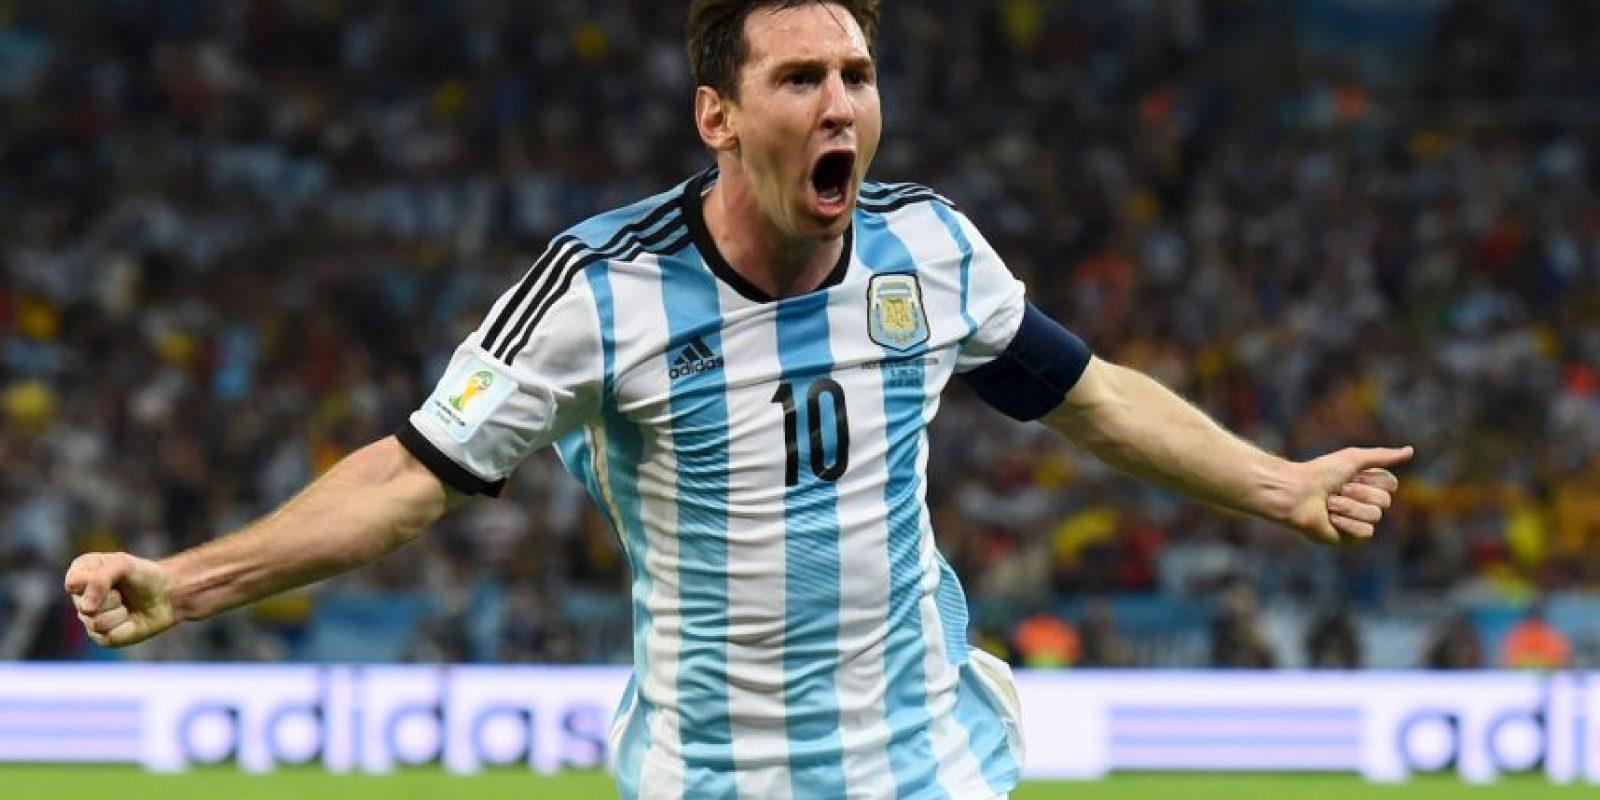 """Lionel Messi es el único miembro de este 11 histórico que sigue en activo. La """"Pulga"""" es considerado el mejor futbolista del mundo en la actualidad y uno de los mejores de la historia. Con el Barcelona ha ganado todo lo que ha querido, aunque con su selección no ha logrado trascender. Foto:Getty Images"""